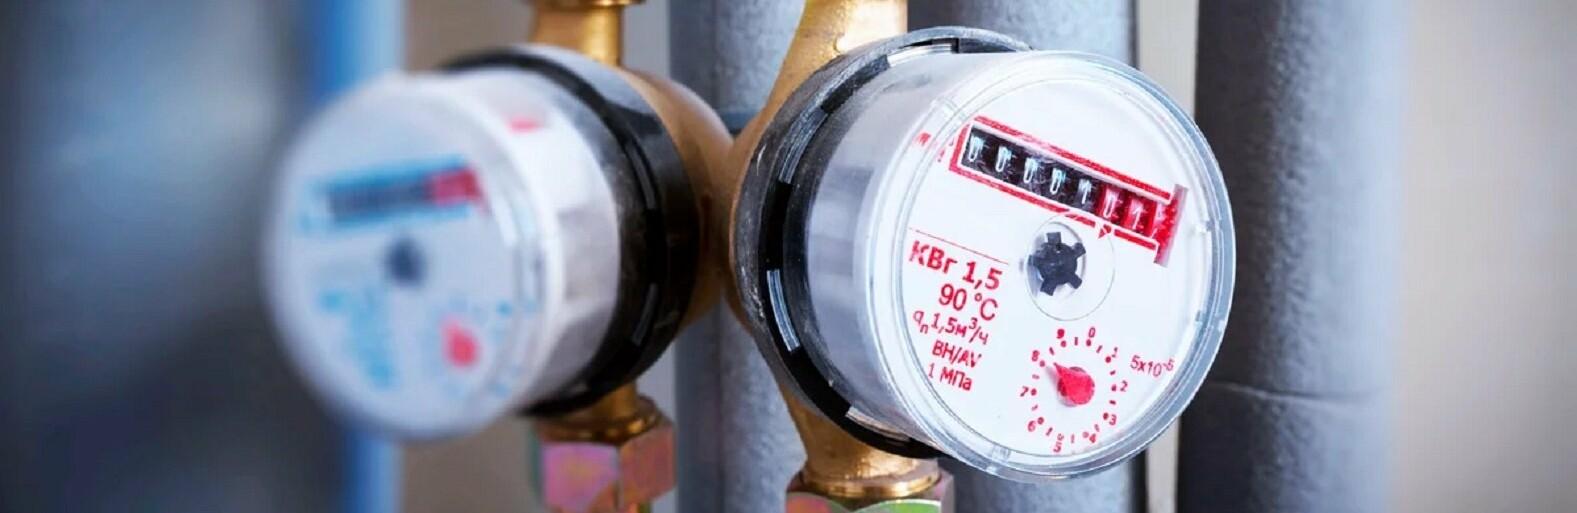 Курская «Квадра» изменила сроки передачи показаний счетчиков горячей воды